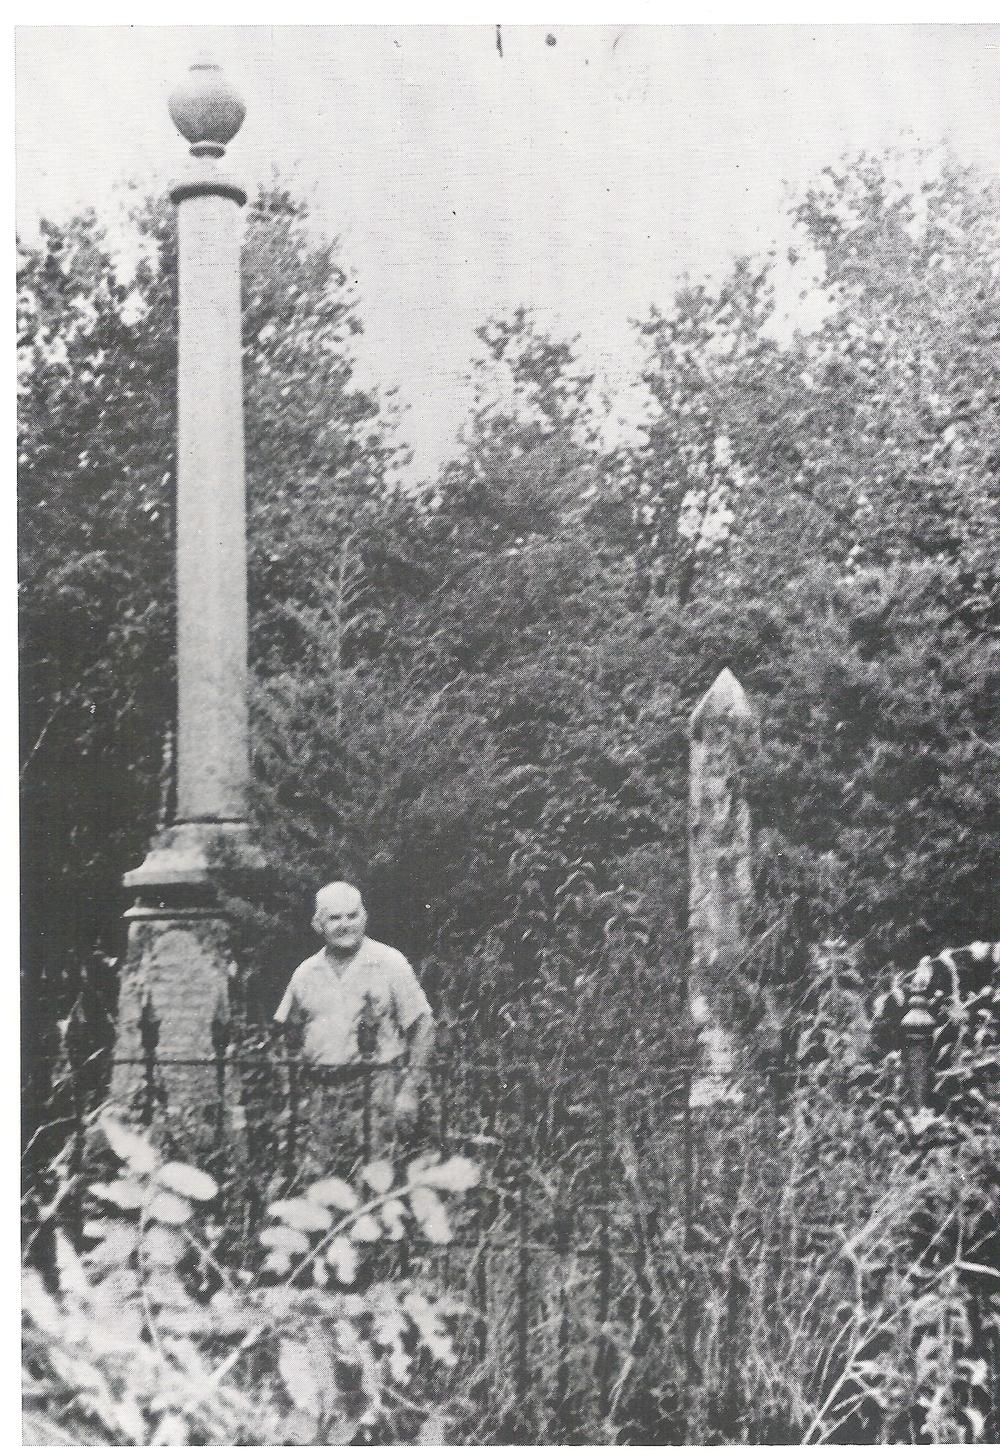 1950s, Mt. Zion Cemetery, Will Weeren